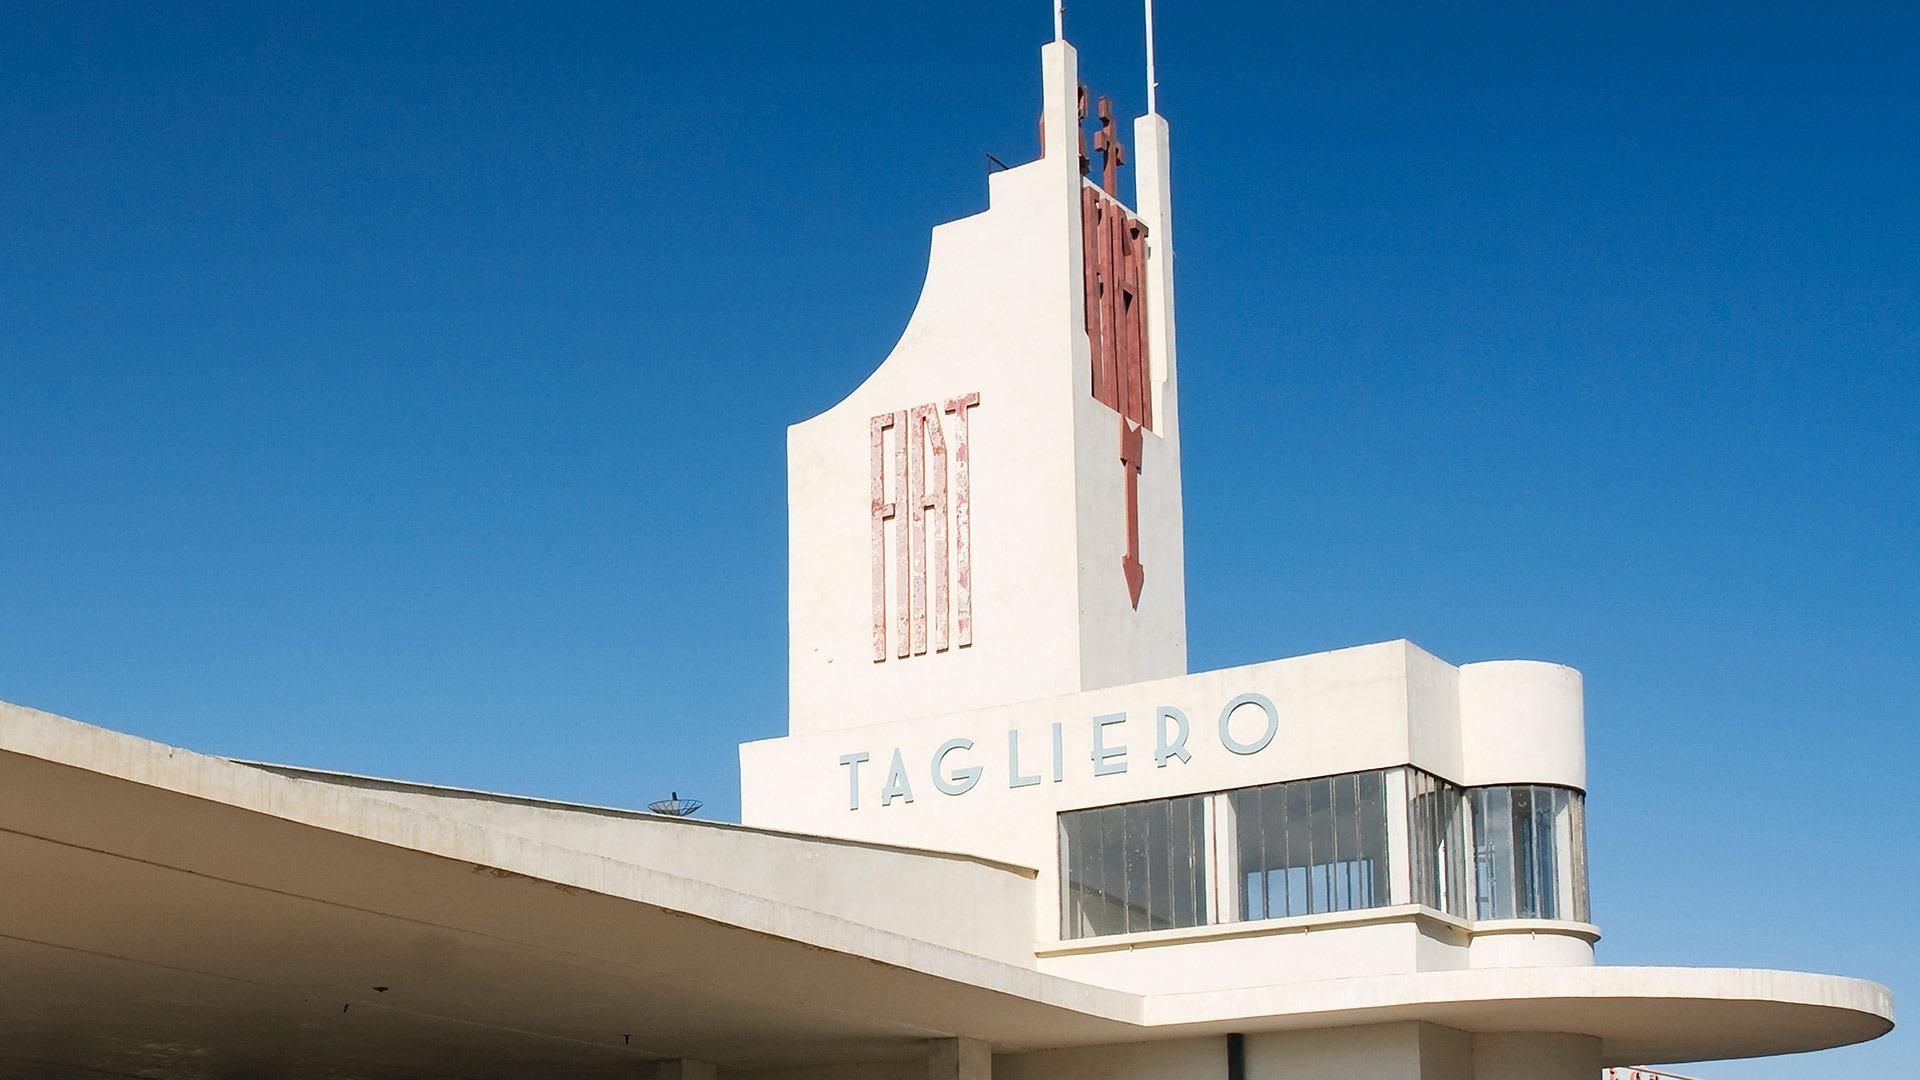 The iconic Fiat Tagliero building in Asmara, Ethiopia